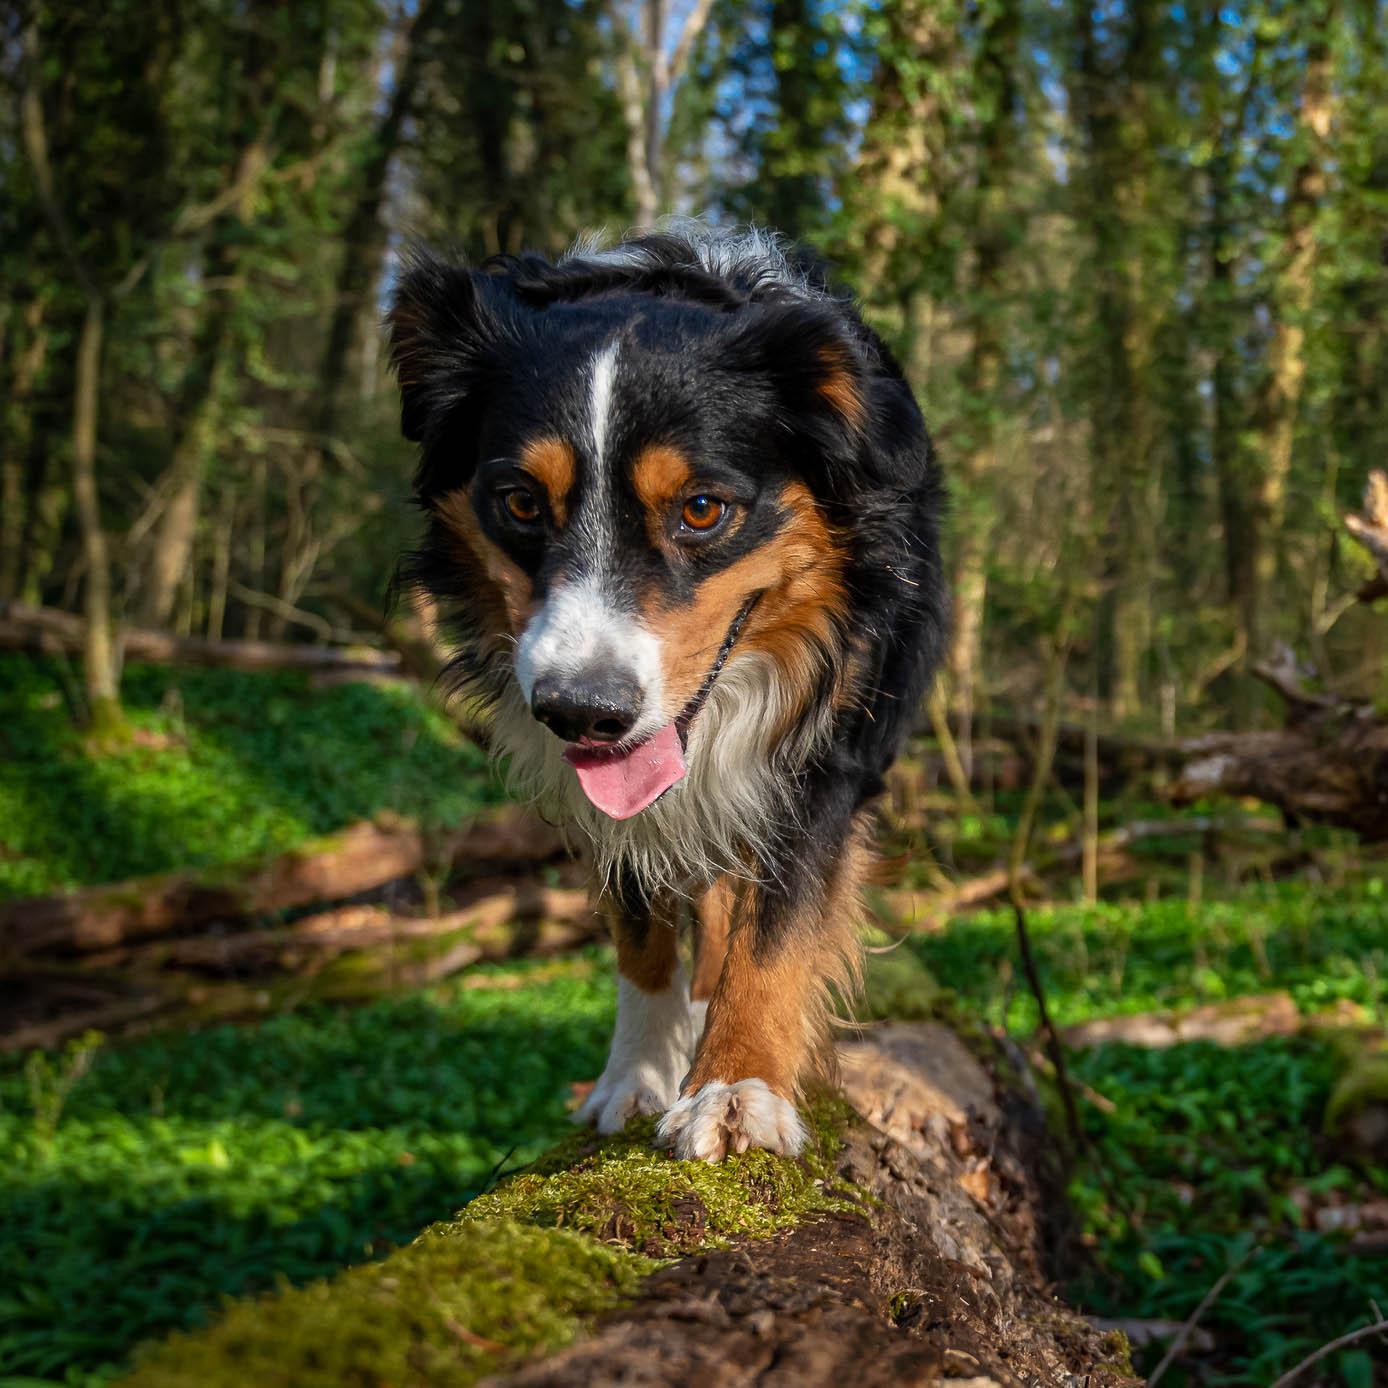 Ein Hund balanciert auf einem Baumstamm im Wald